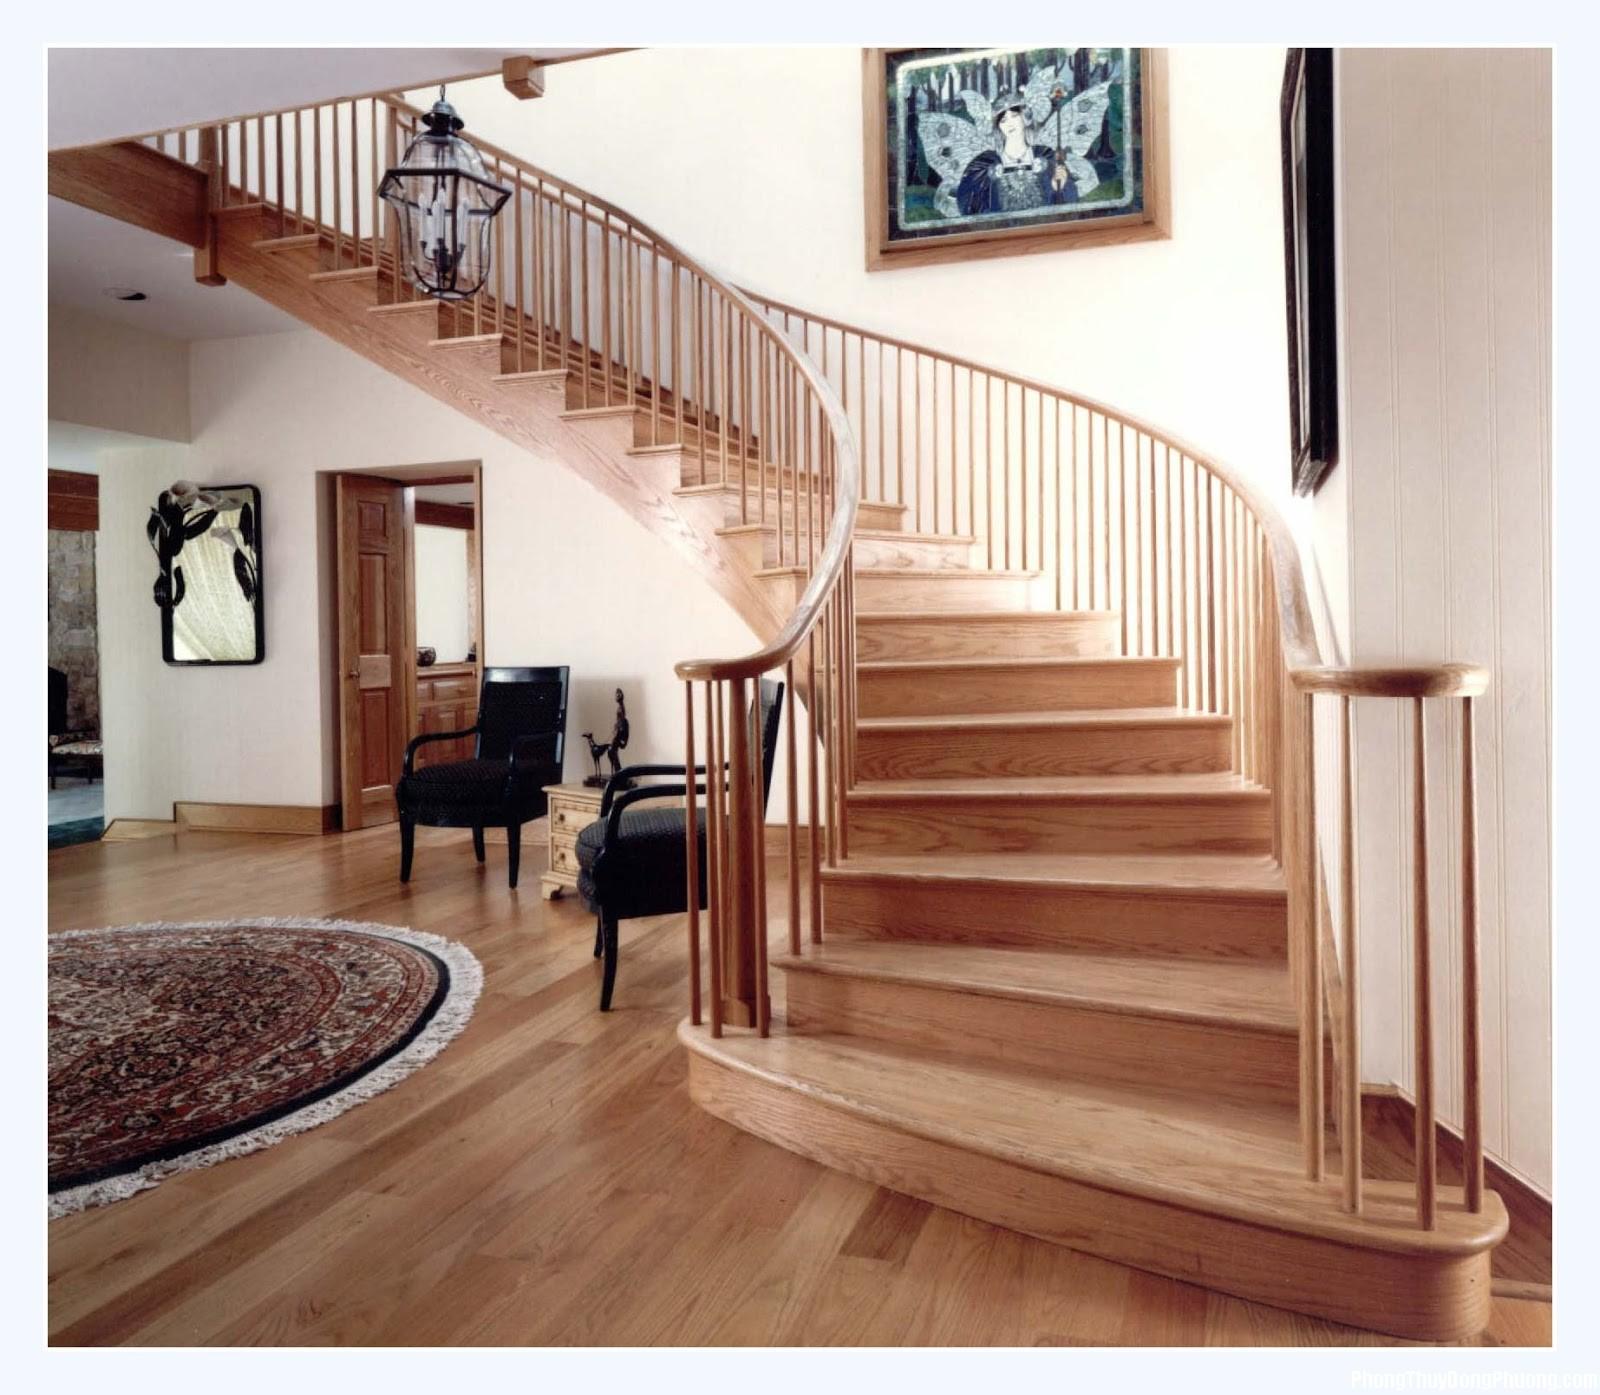 cau thang trong bai tri nha hop phong thuy Thúc đẩy sinh khí trong nhà nhờ thiết kế cầu thang hợp phong thủy